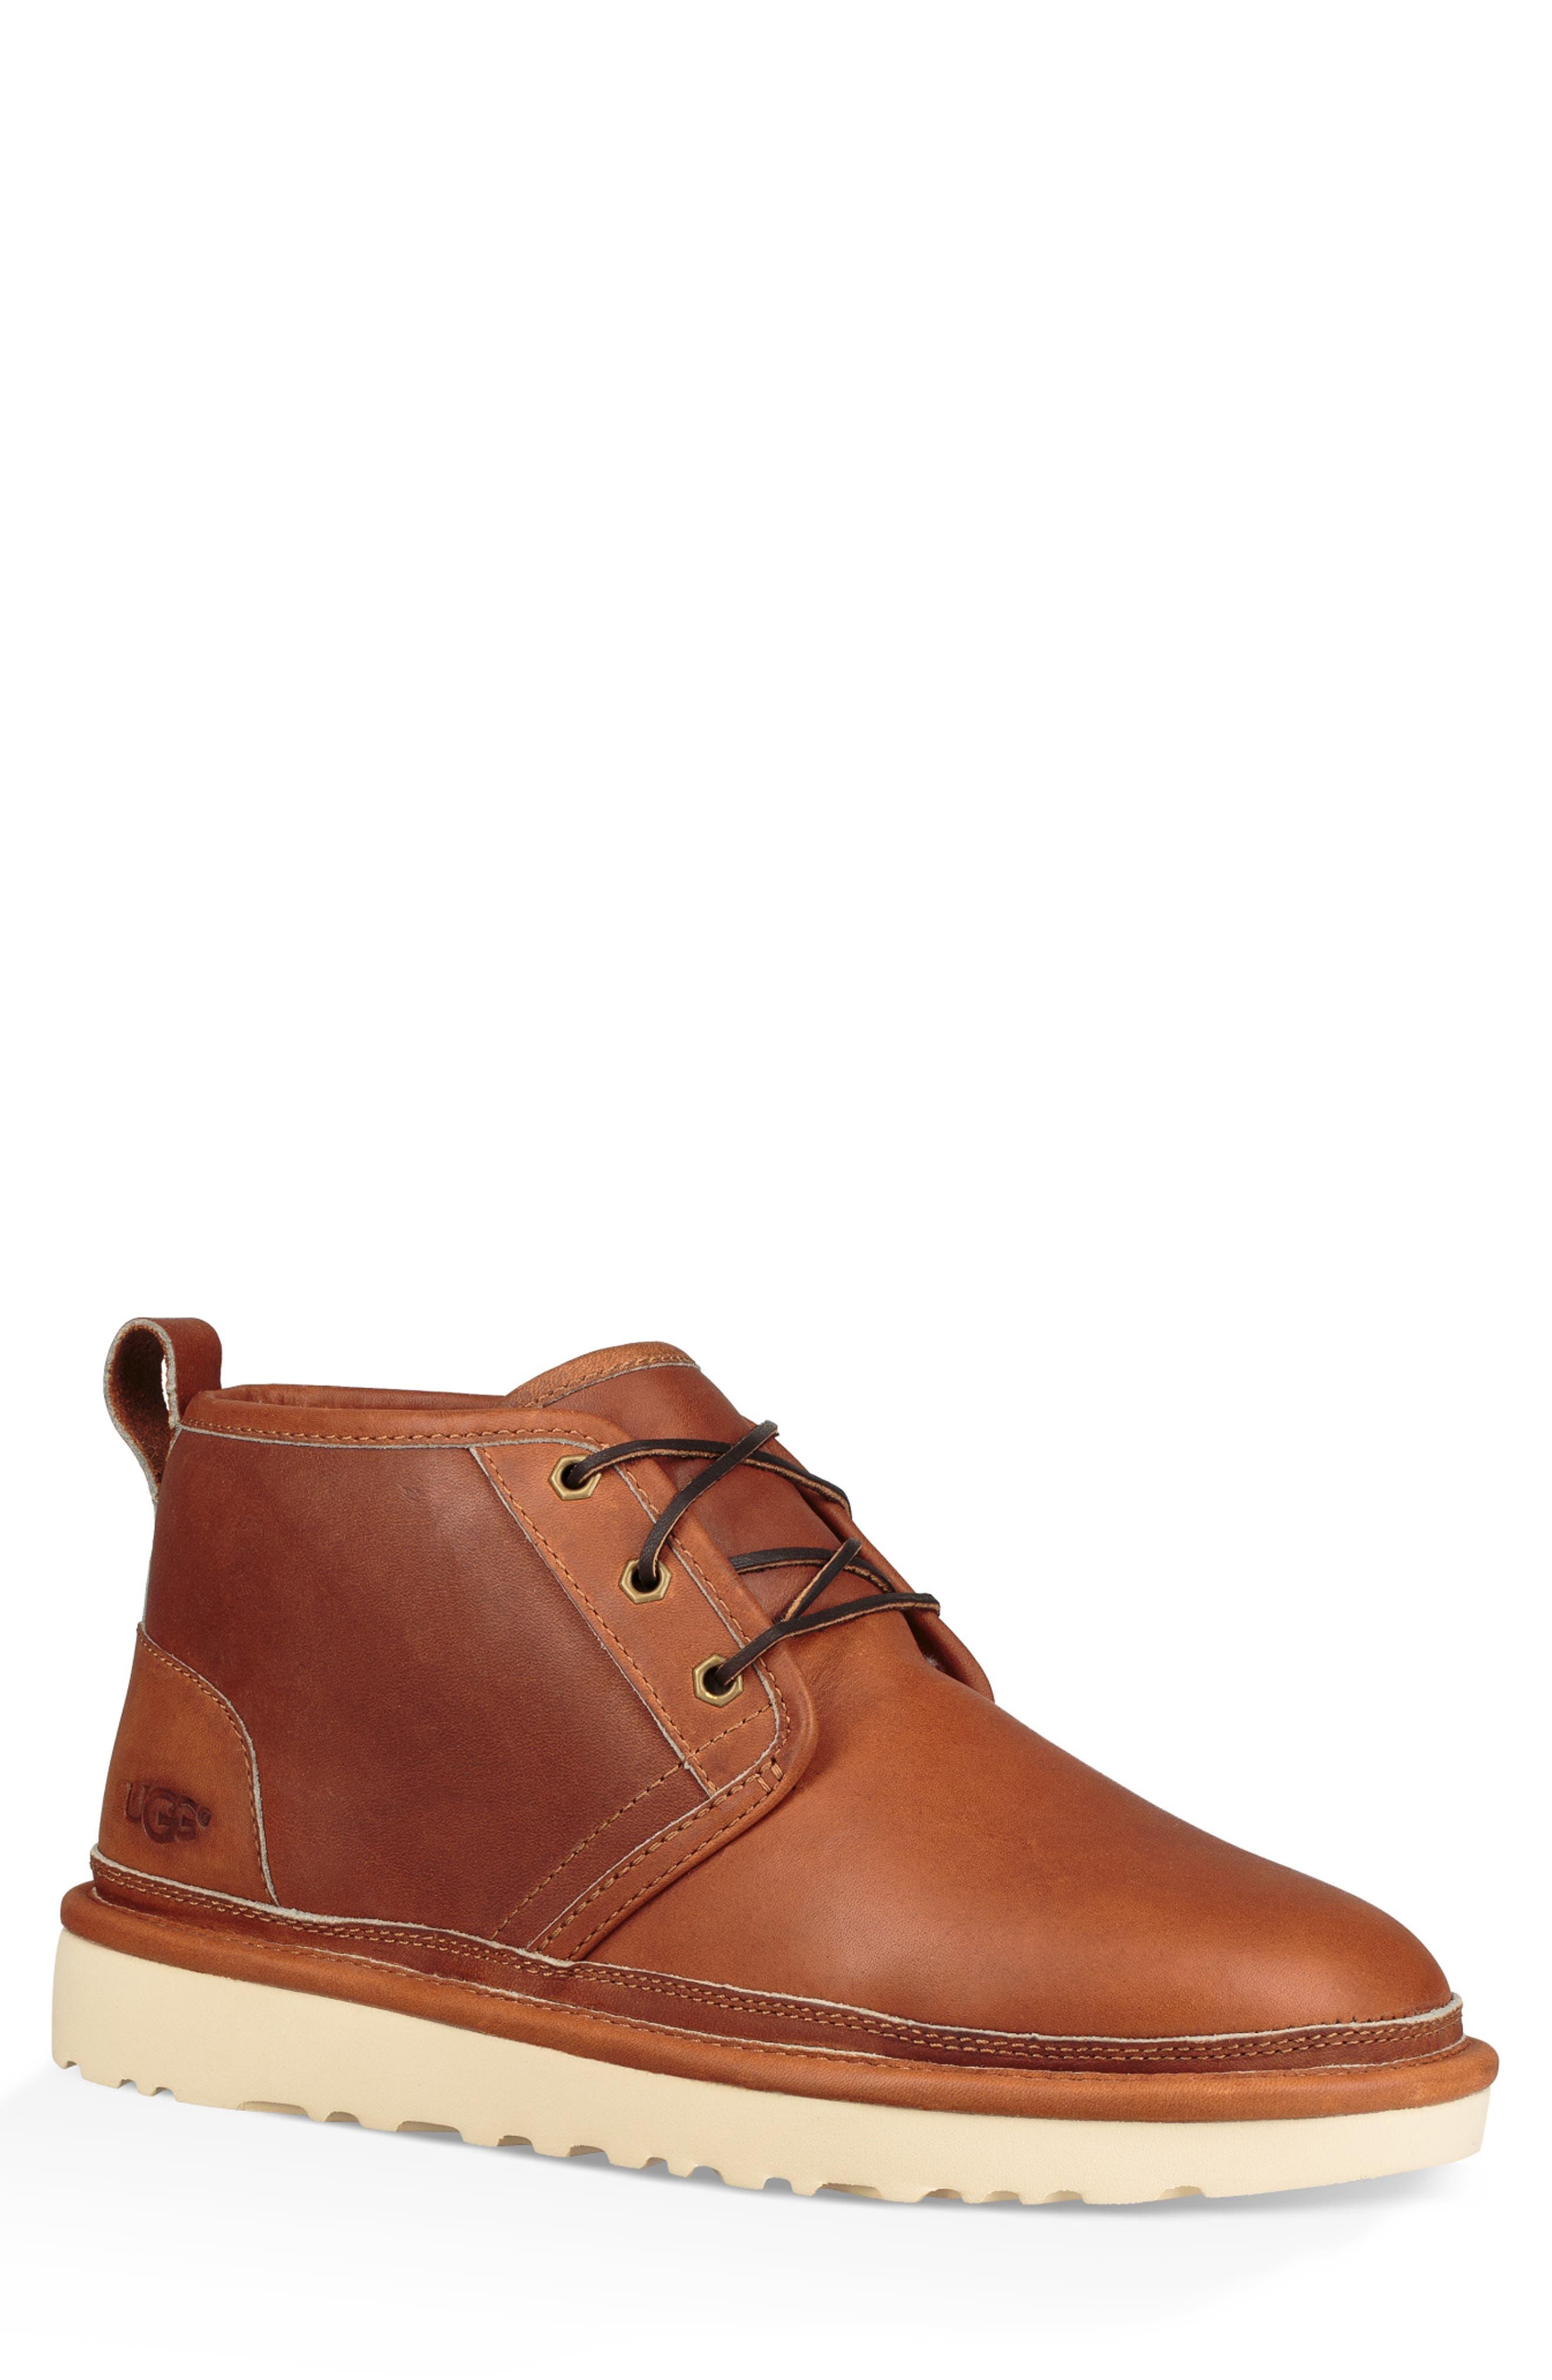 Neumel Pinnacle Chukka Boot,                         Main,                         color, TAN